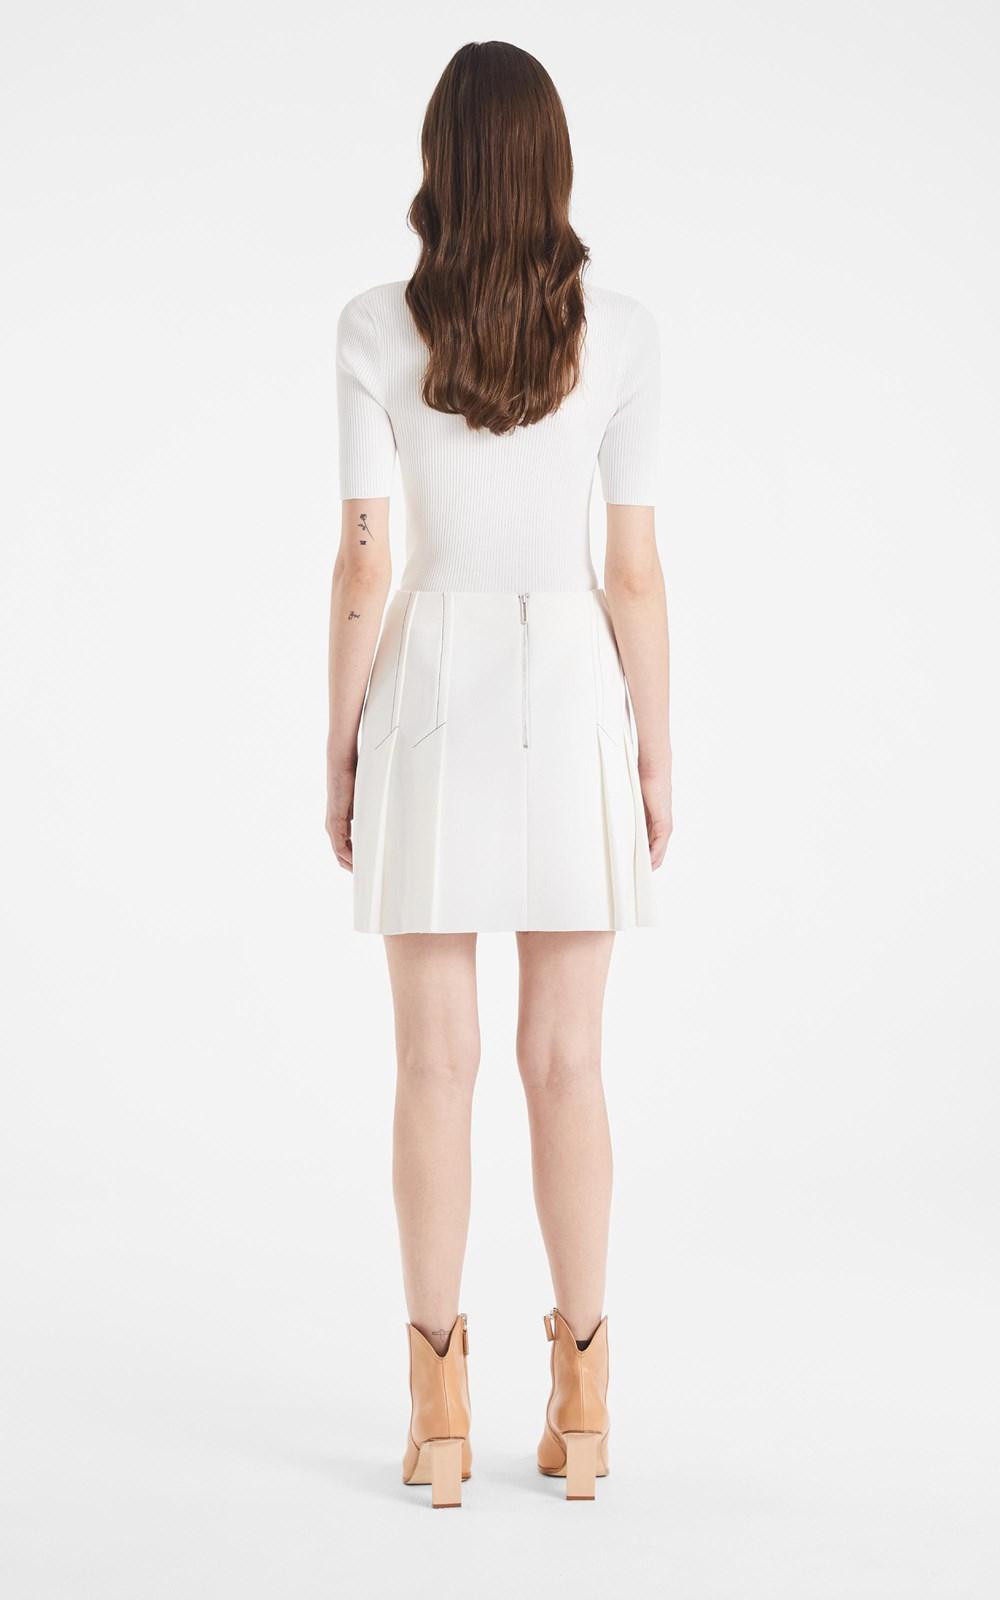 Skirts | CORSET PLEAT SKIRT